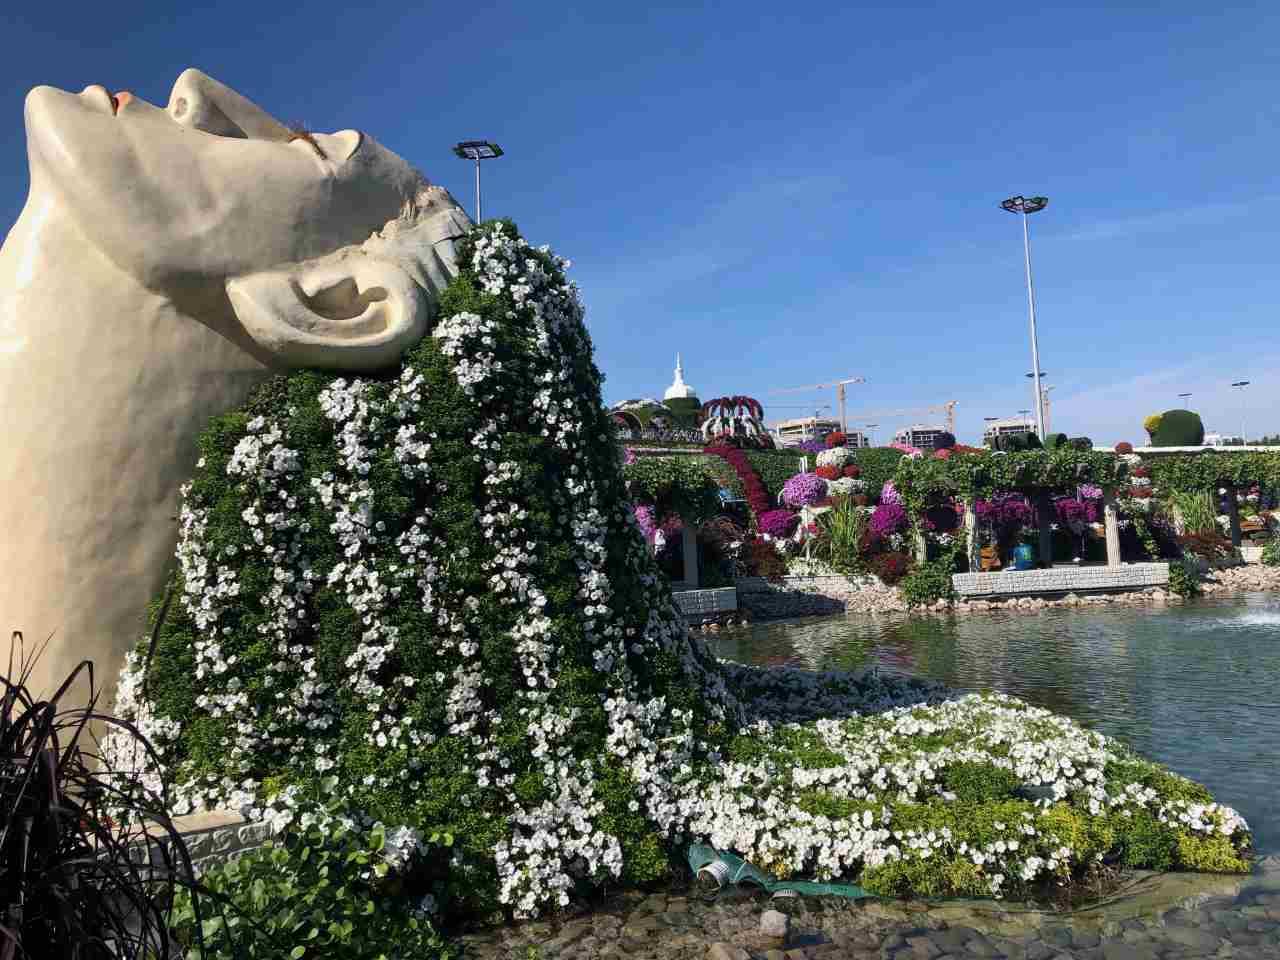 Escultura do Miracle Garden com flores no cabelo da estátua